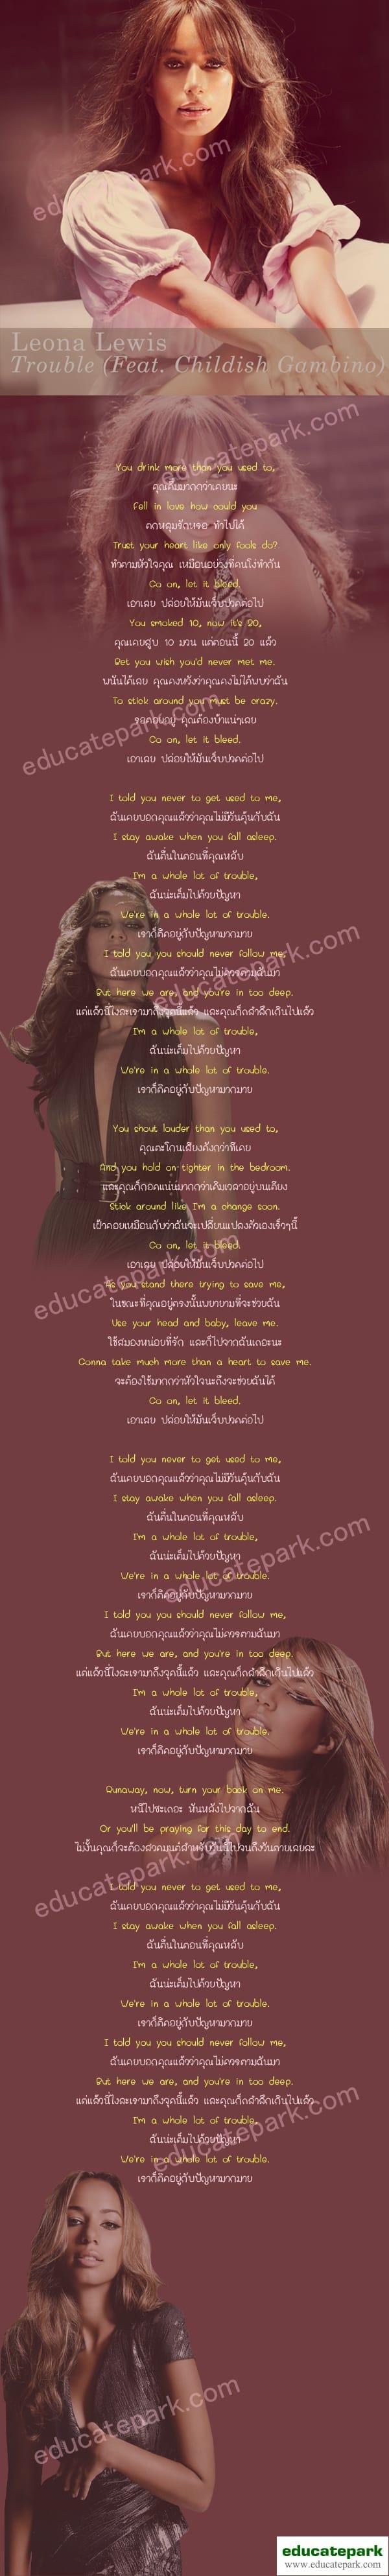 แปลเพลง Trouble - Leona Lewis (Feat. Childish Gambino)